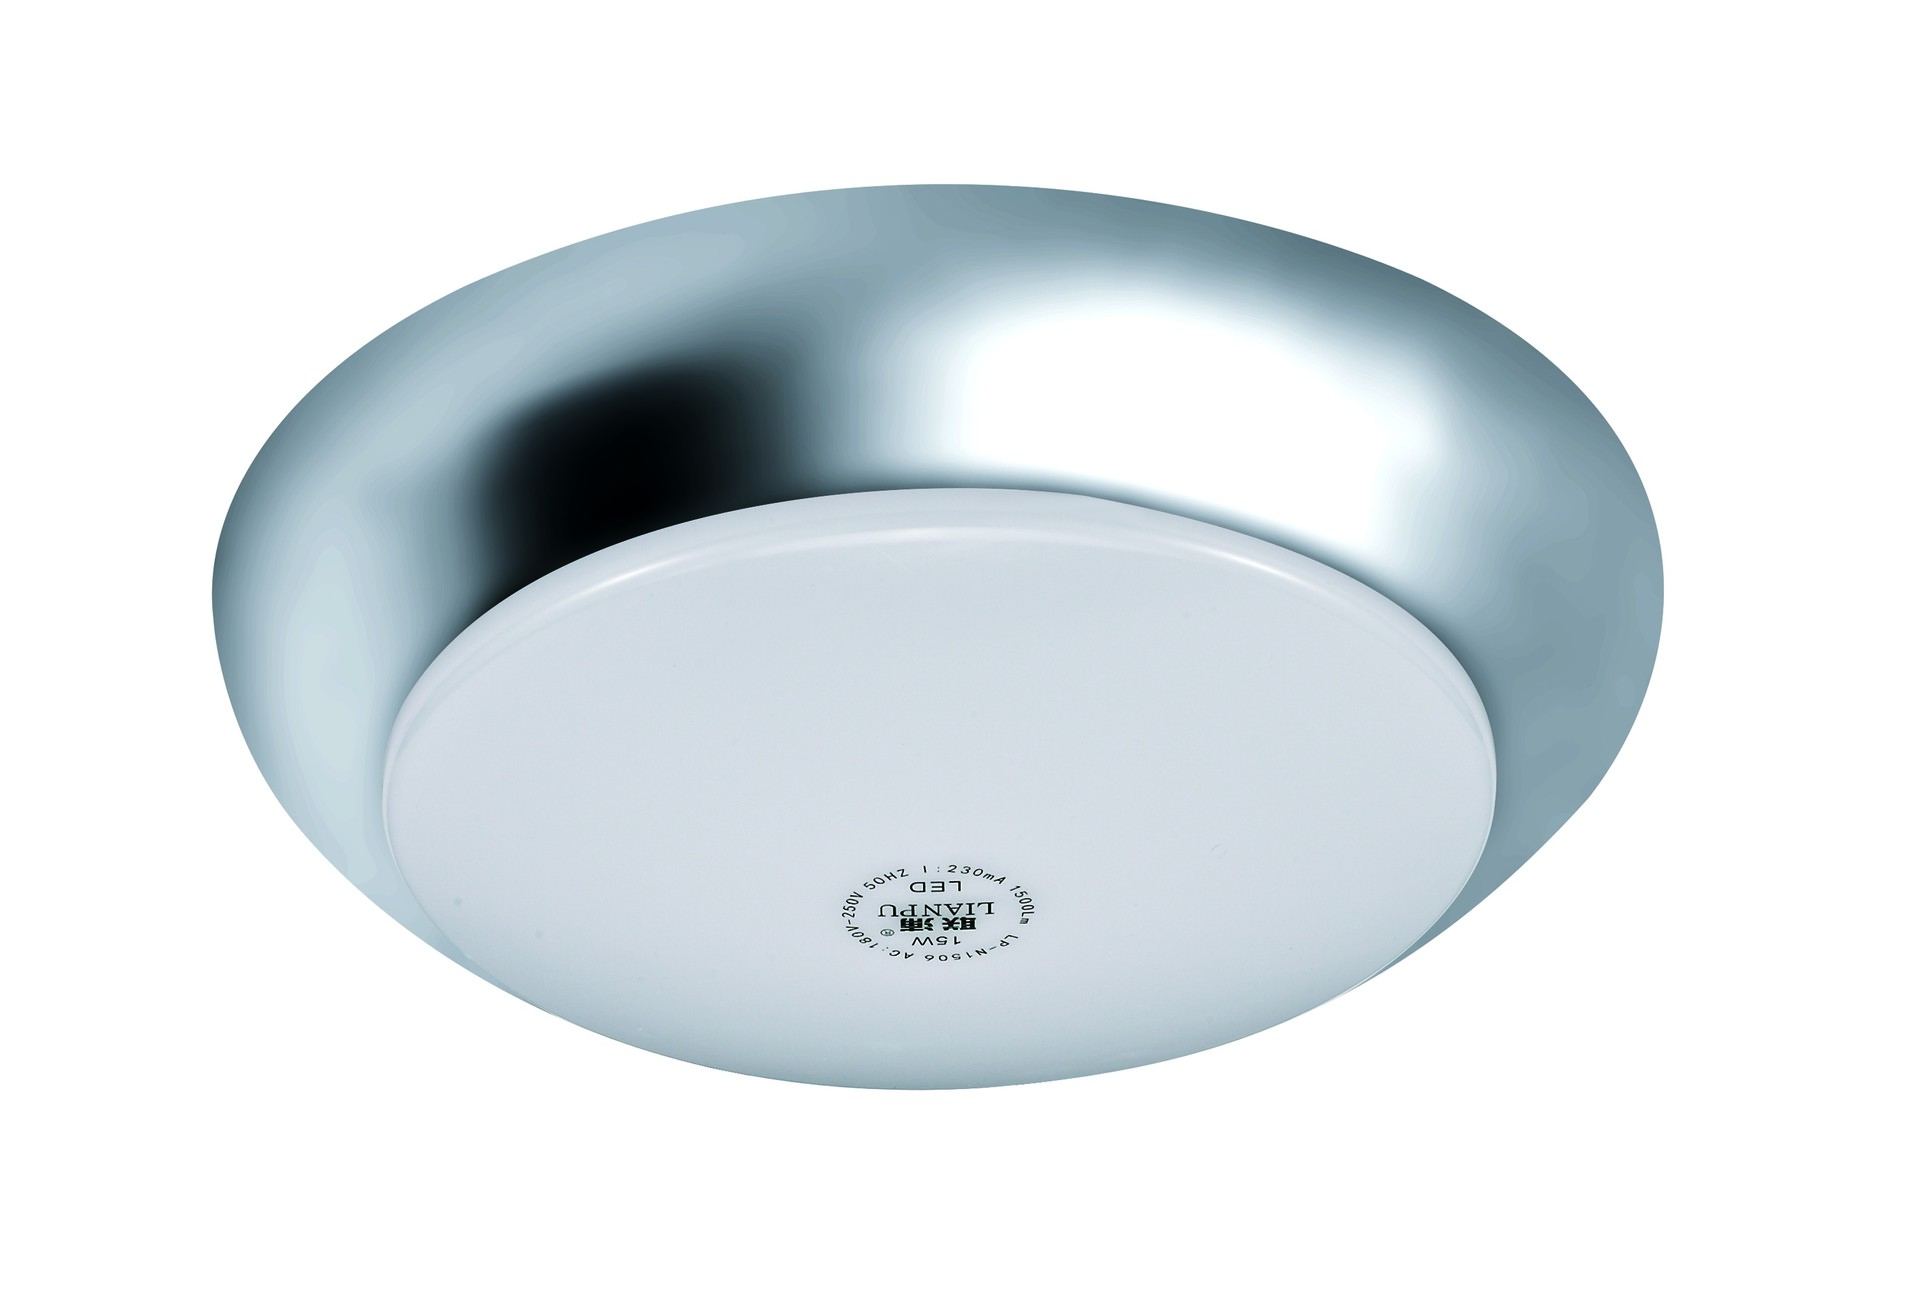 Absorb dome LED light panel light for living room